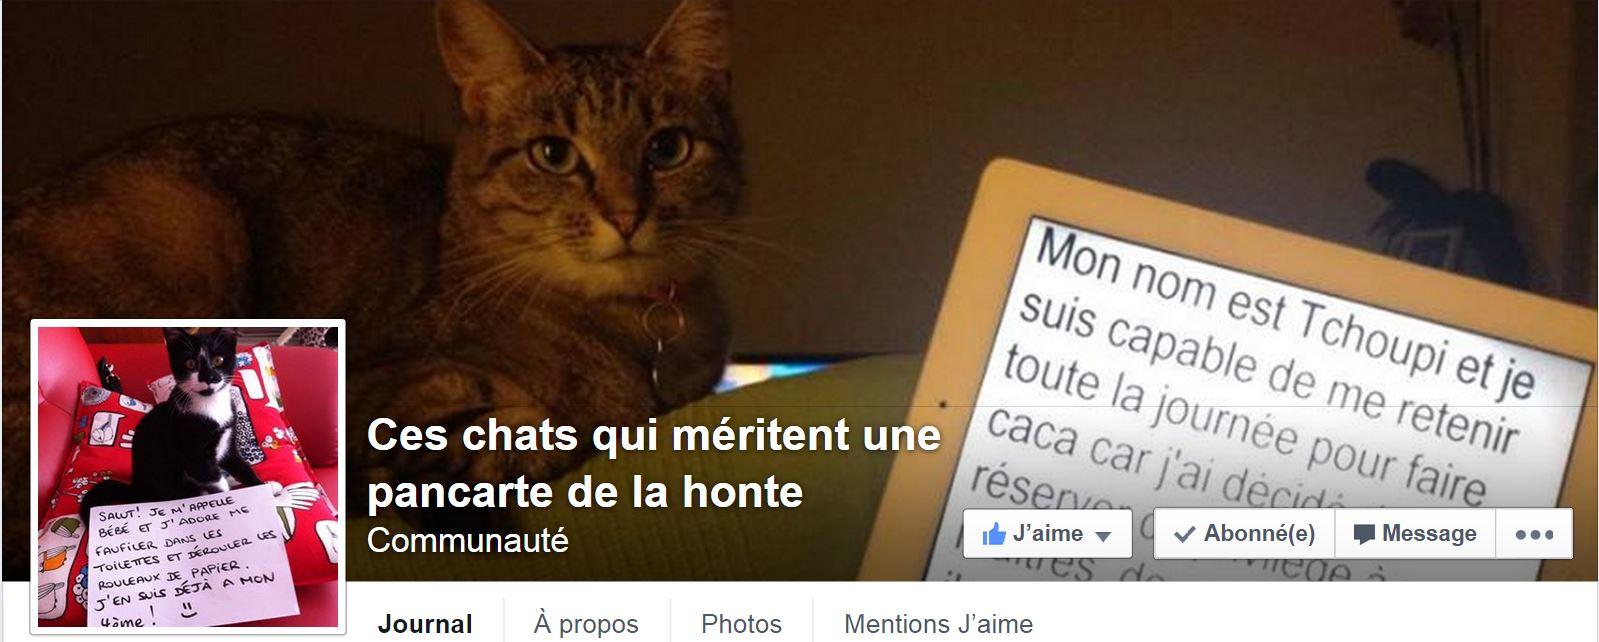 Ces chats qui méritent une pancarte de la honte